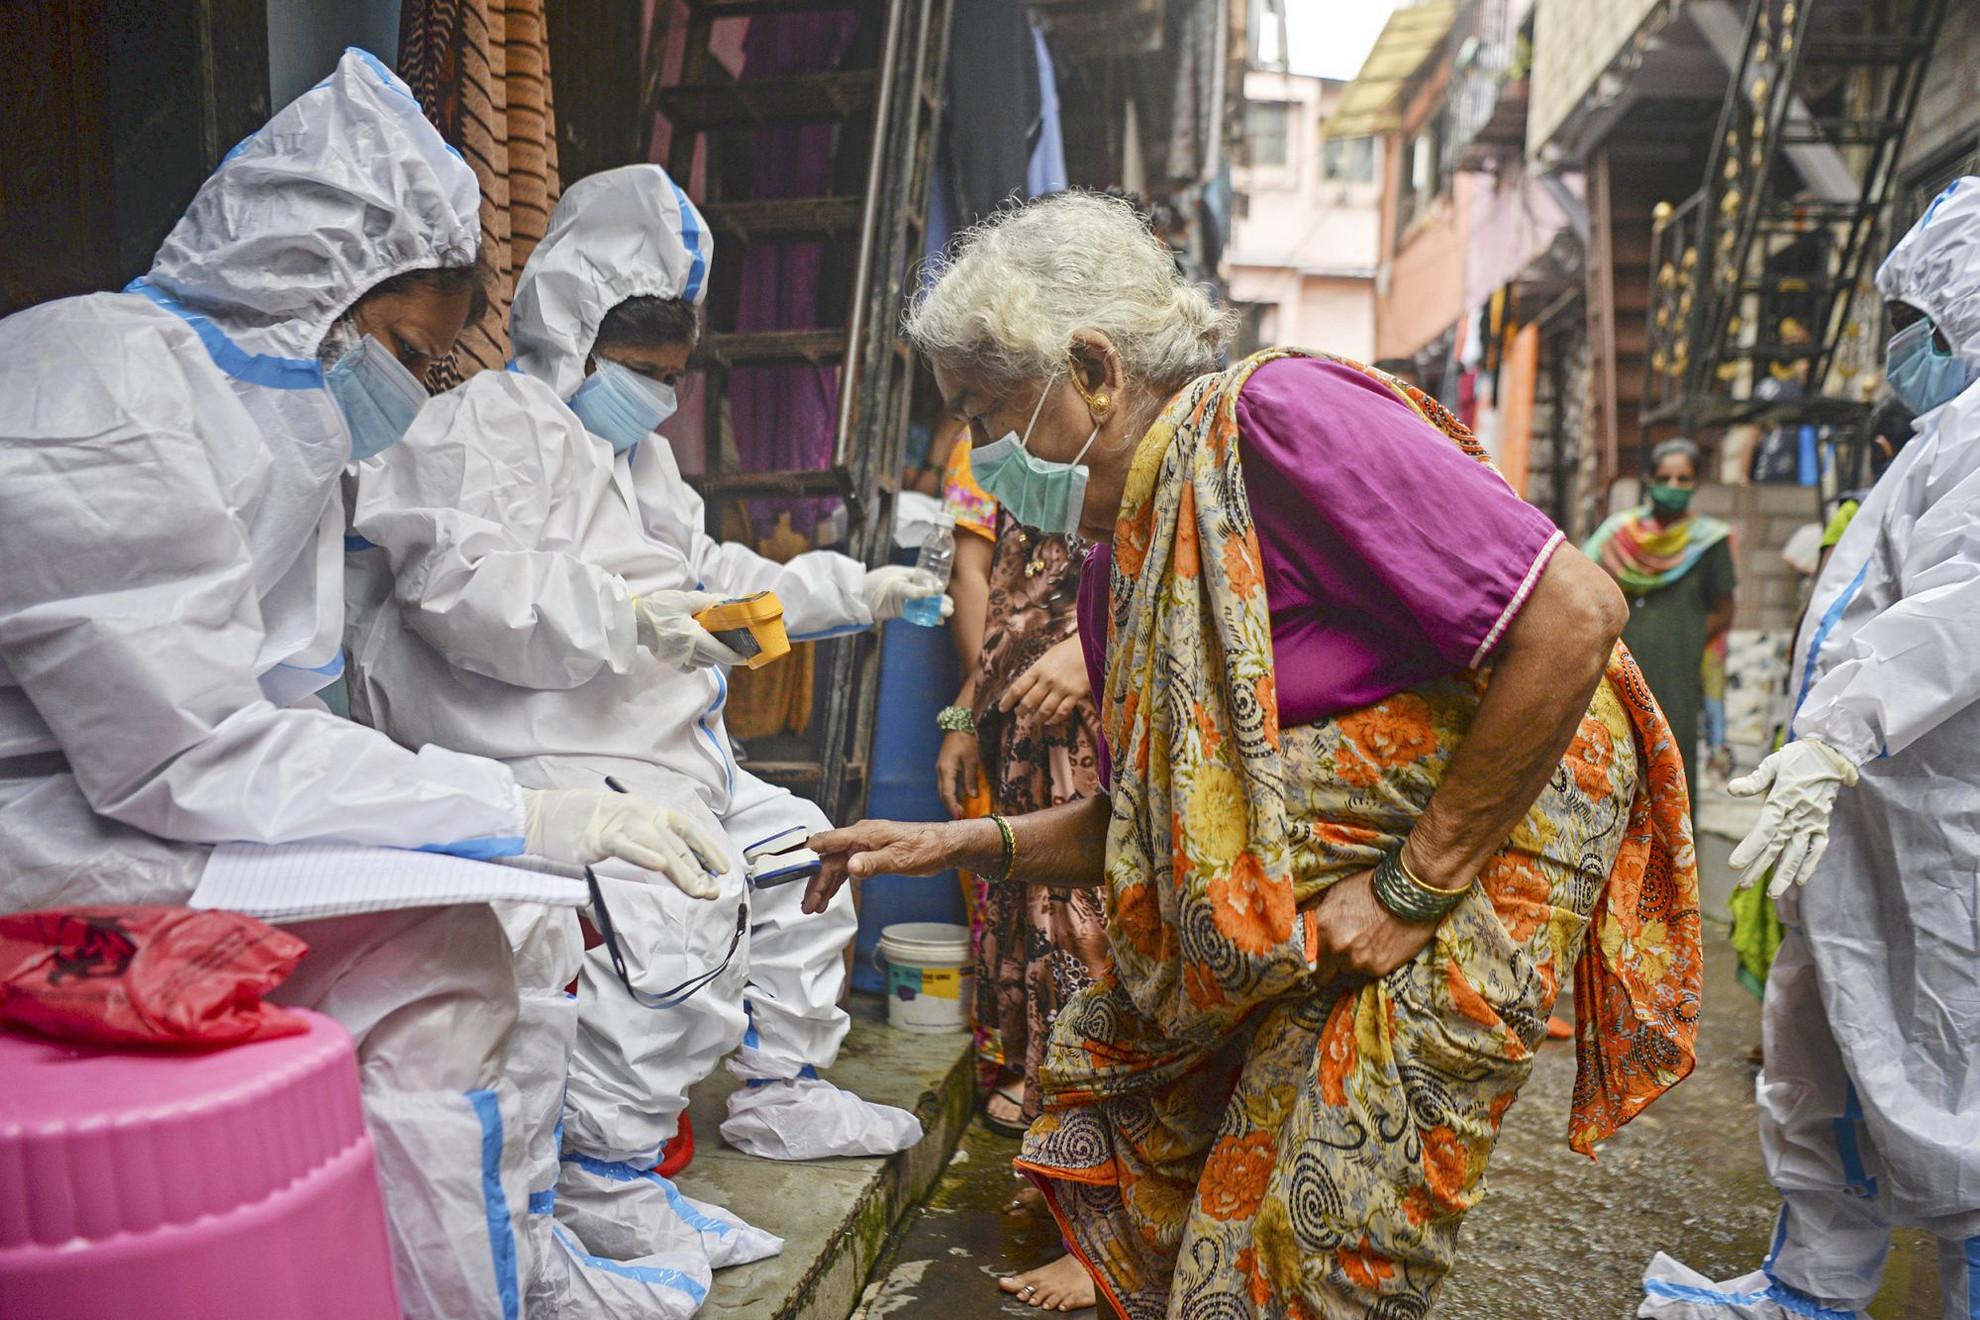 Egészségügyi dolgozók hőmérsékletméréseket végeznek az indiai Mumbaiban